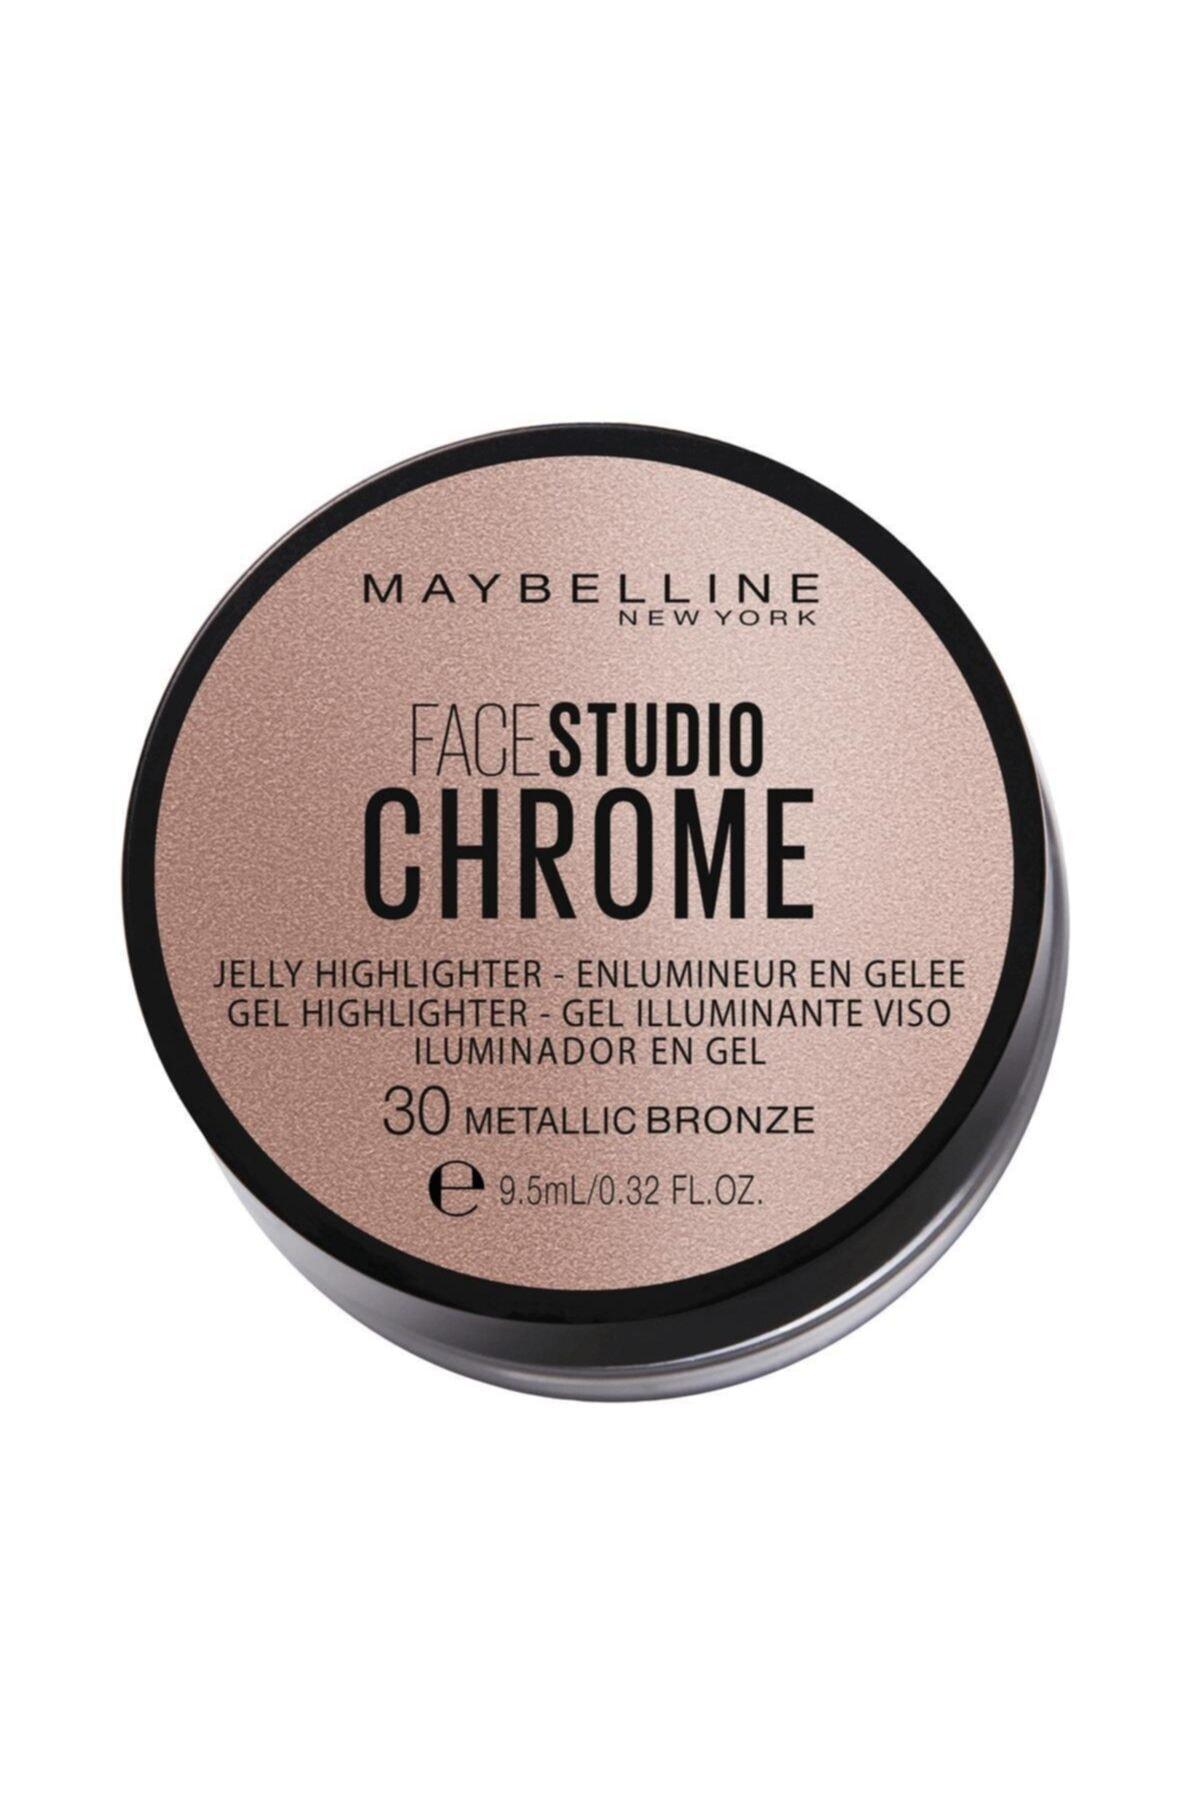 Maybelline New York Face Studıo Chrome Jel Aydınlatıcı No: 30 Metallic Bronze Delist 1